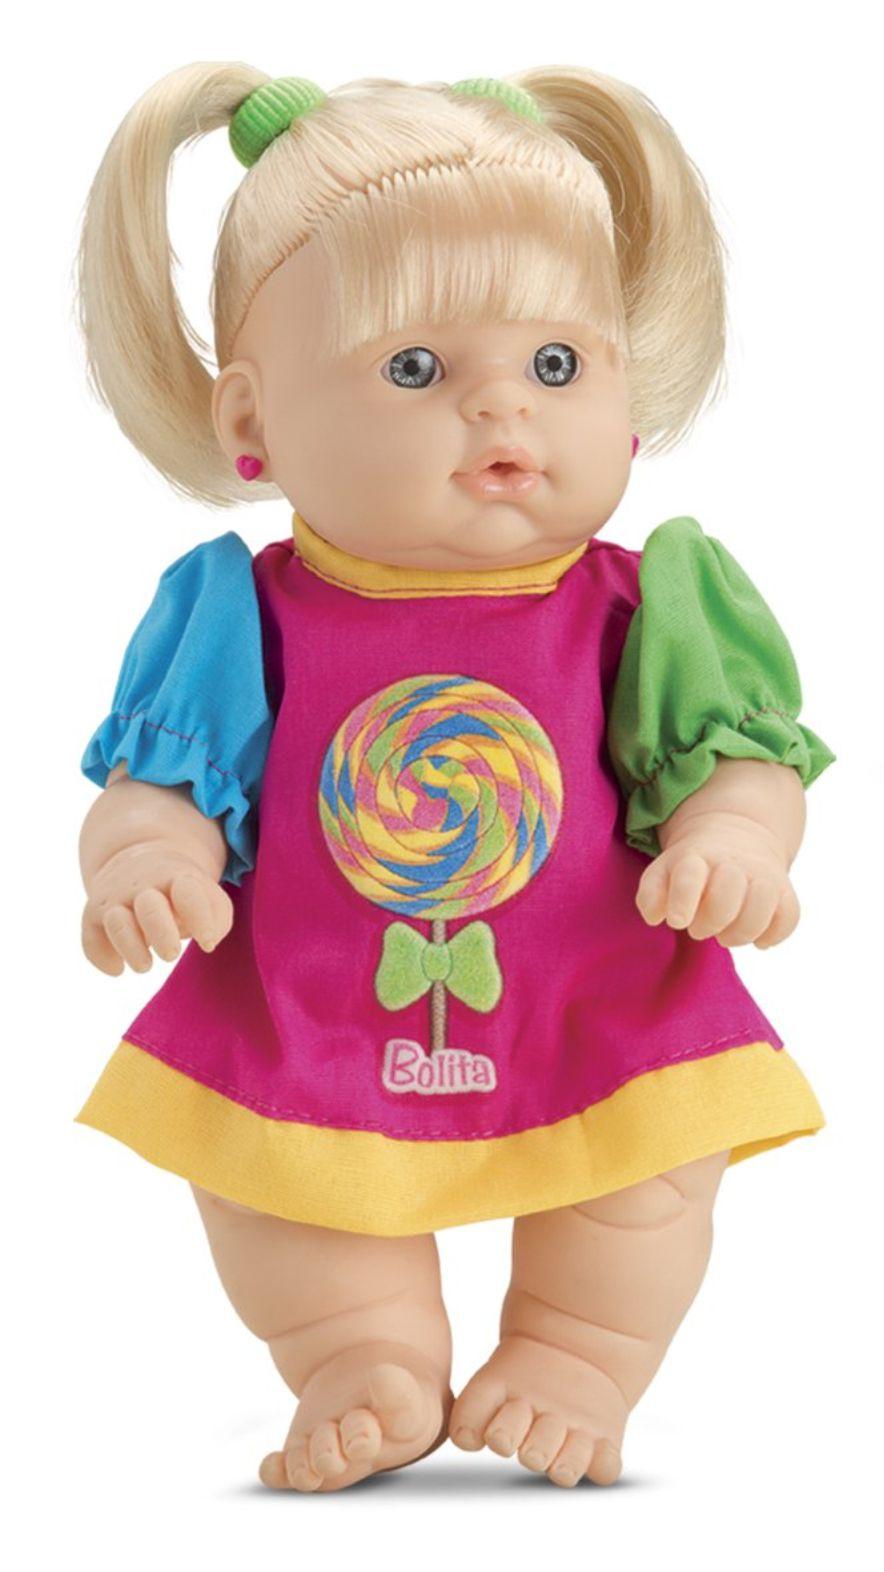 Boneca - Mini Bolita - Roma Brinquedos